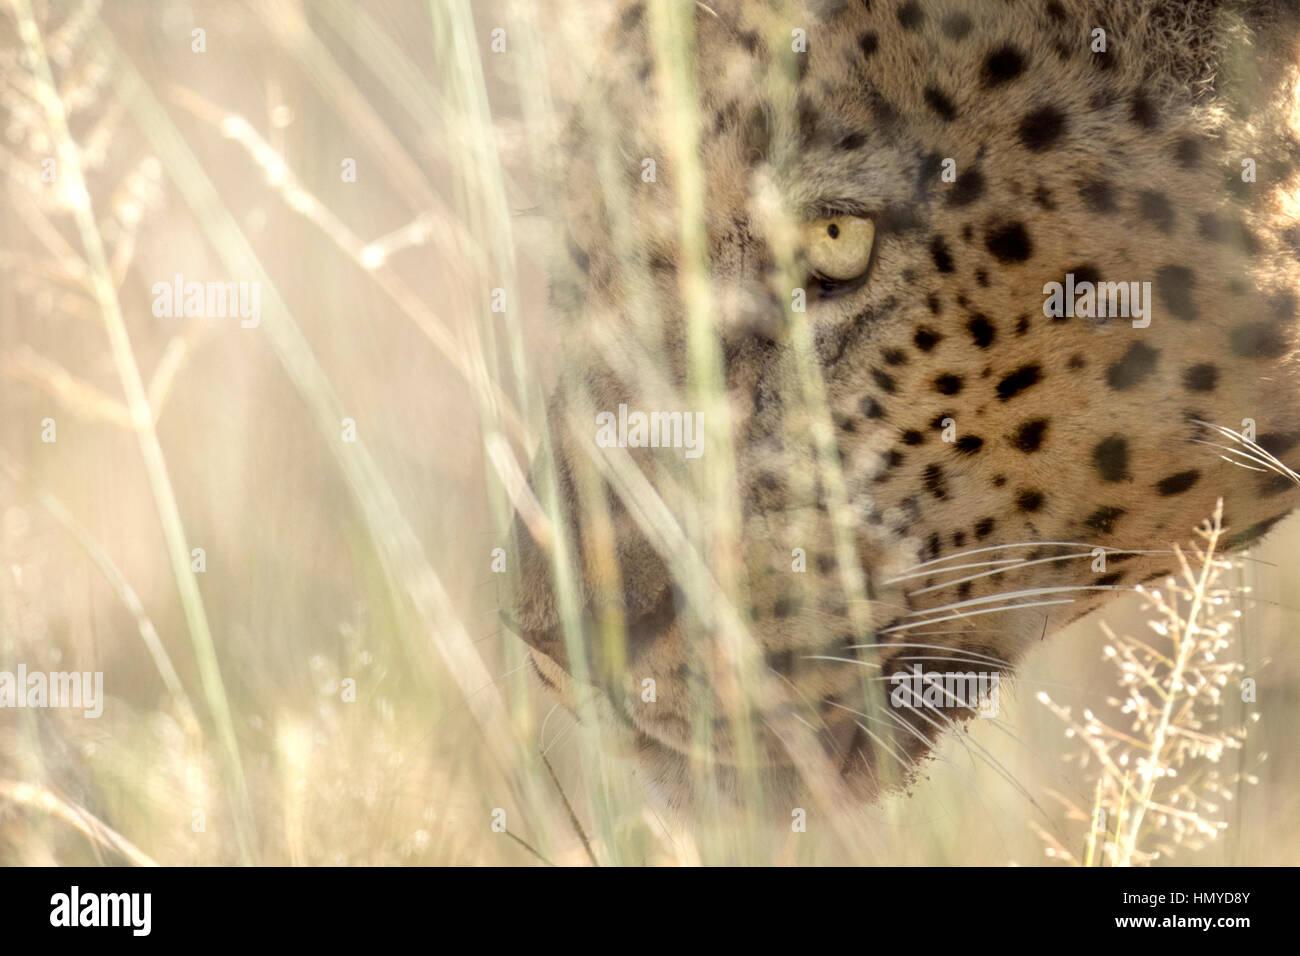 Leopard portrait Photo Stock